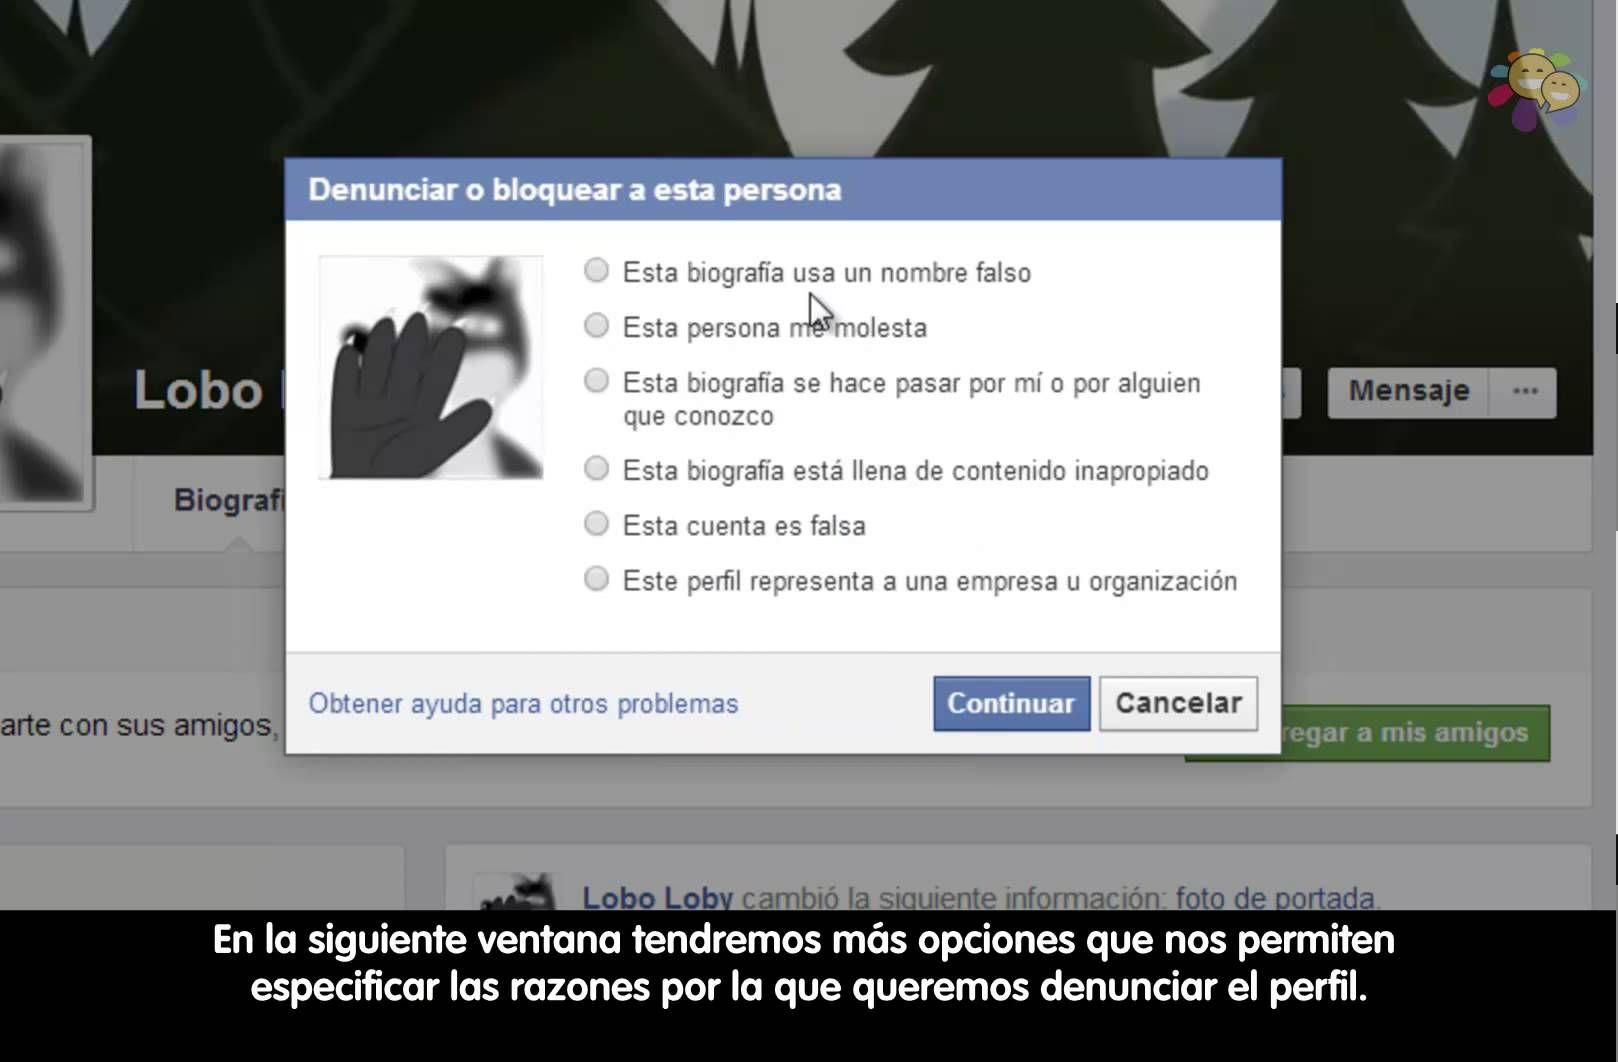 Cómo Denunciar Un Perfil En Facebook 2014 Mayo Perfil Denunciando Redes Sociales